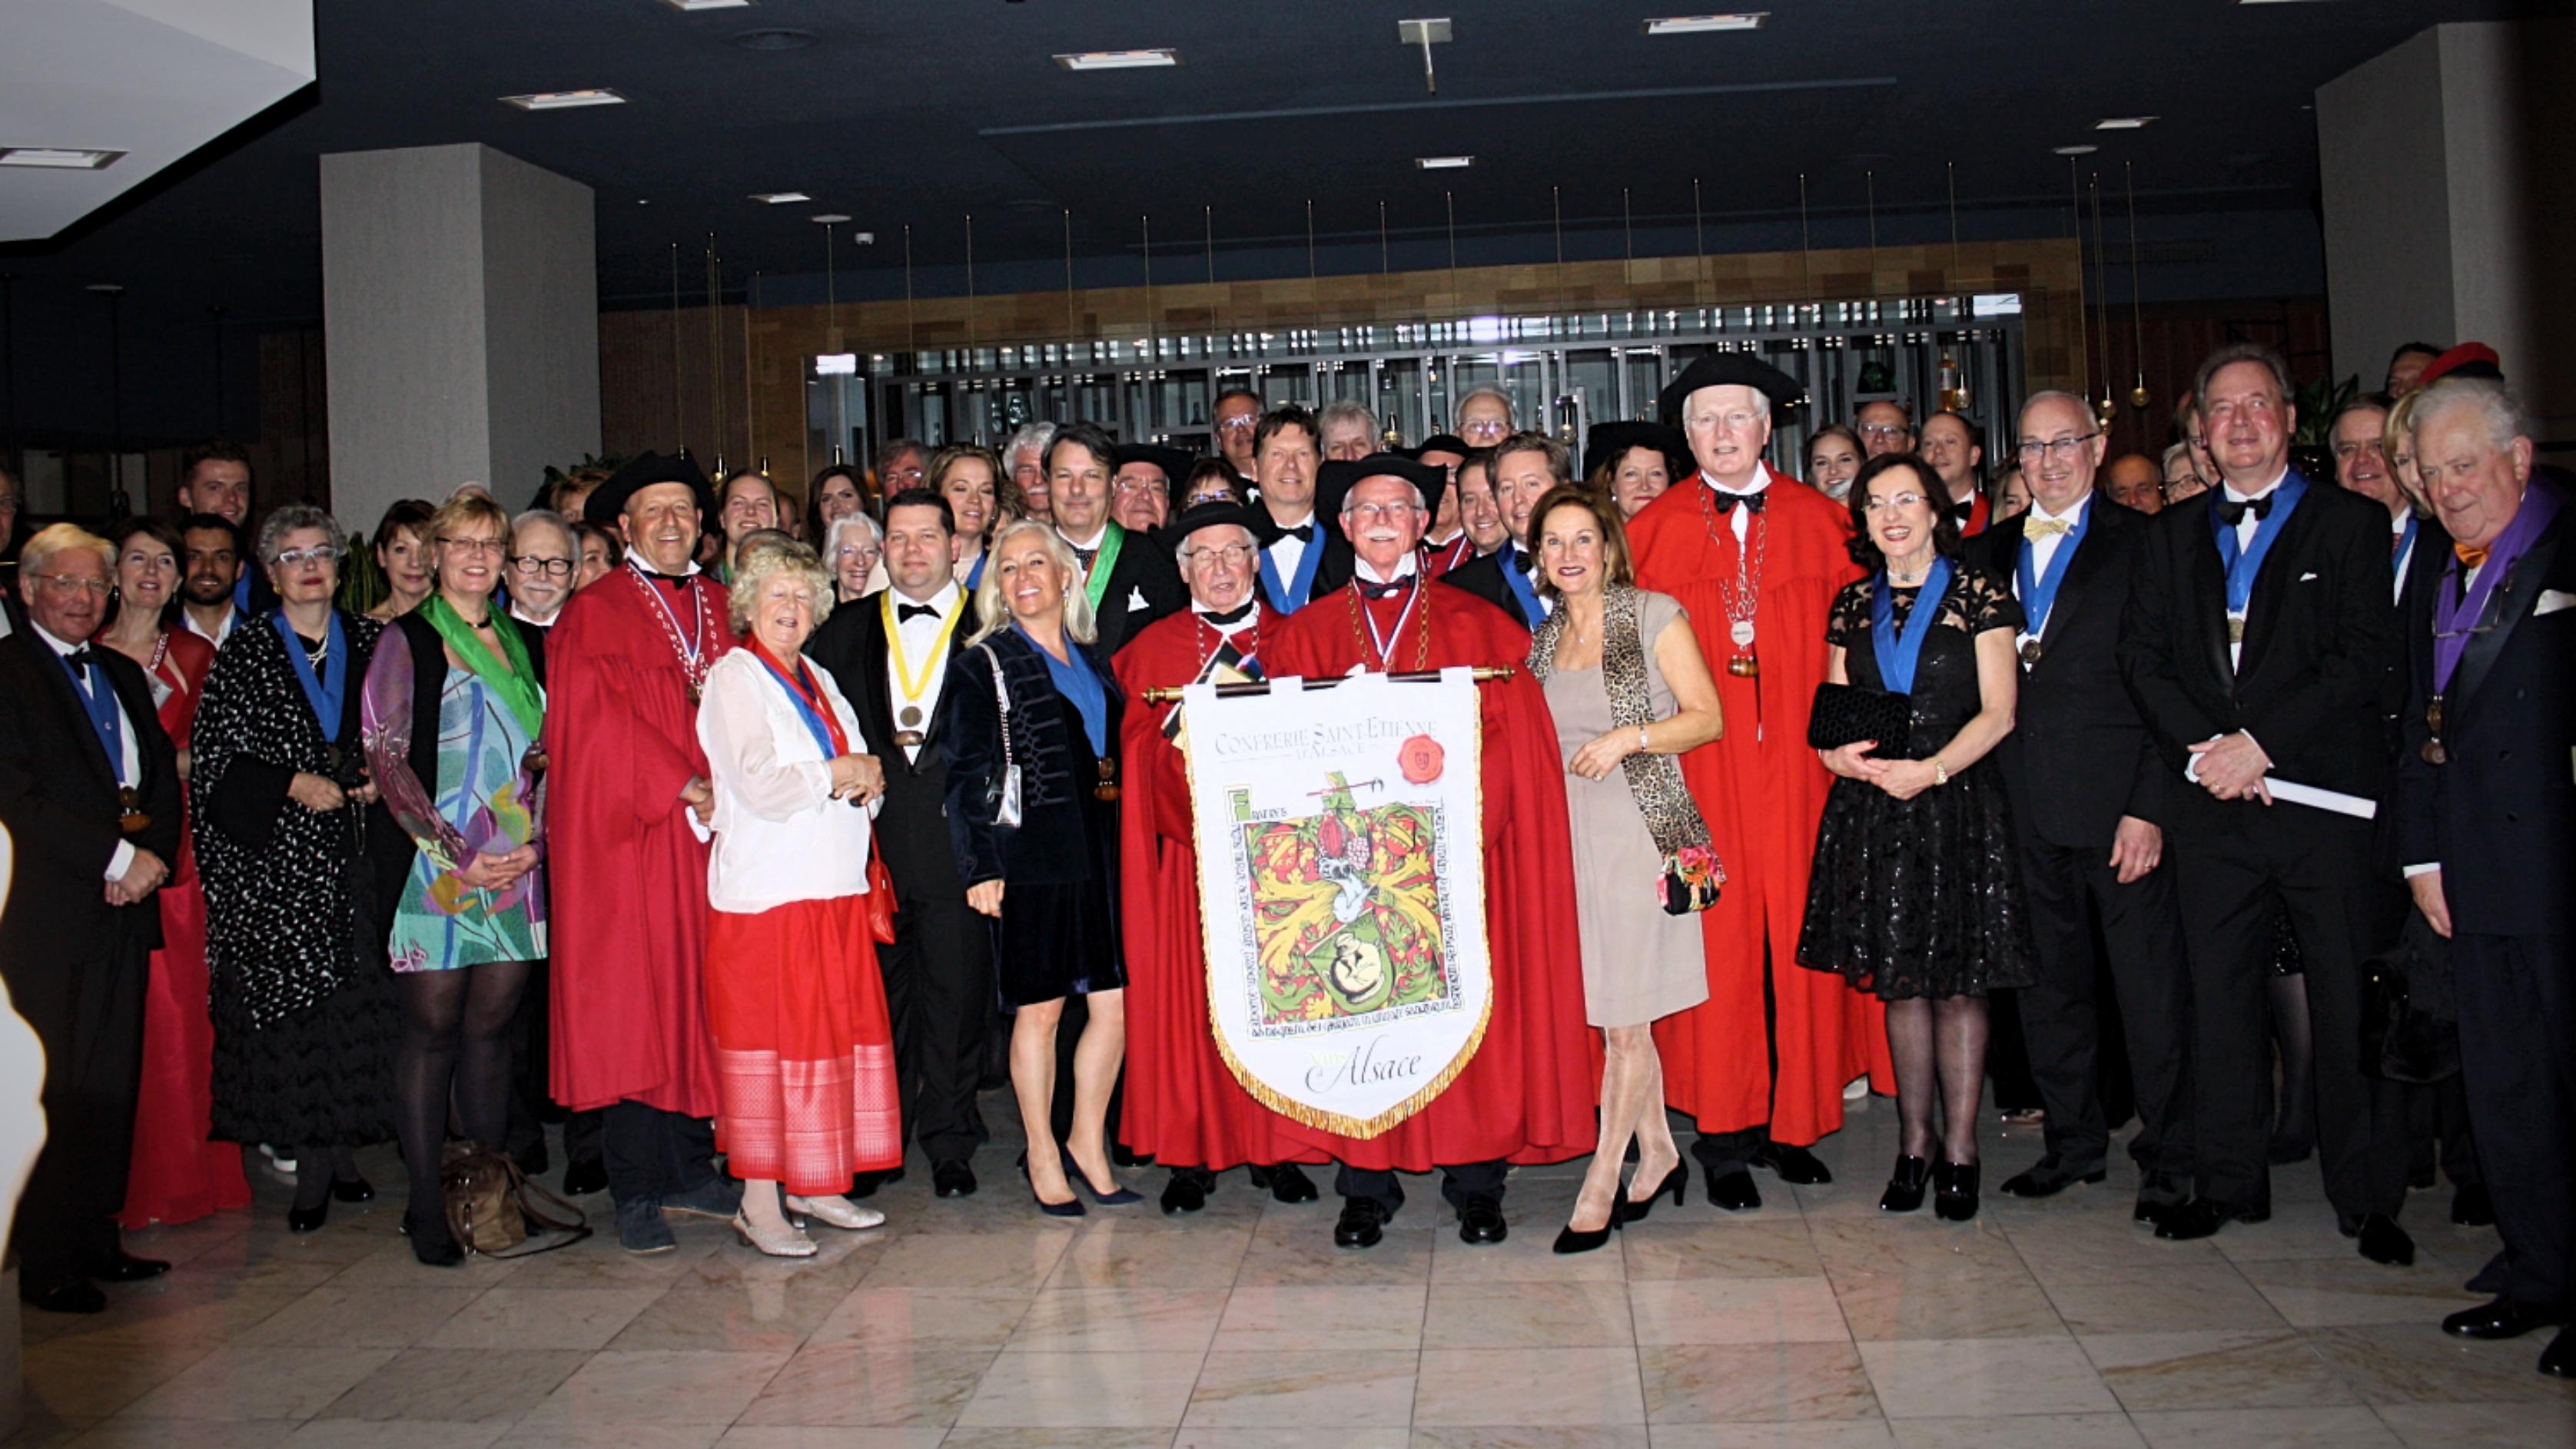 La fête des vins d'Alsace aux Pays-Bas